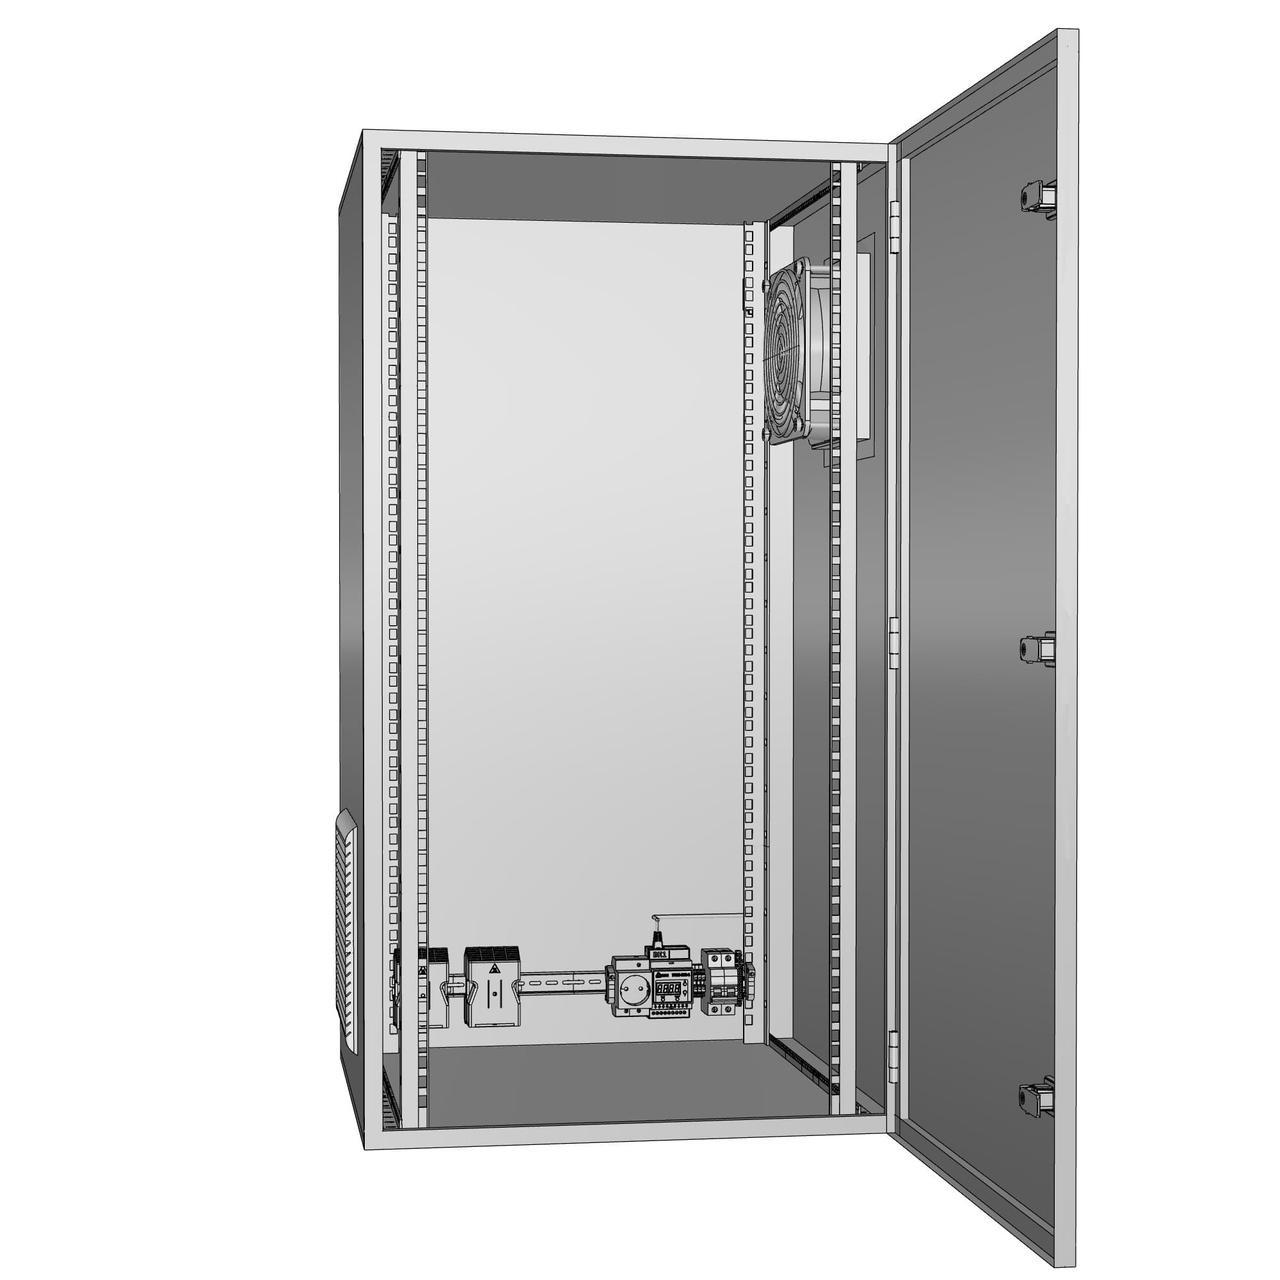 Шкаф климатический утеплённый с обогревом и вентиляцией ЩКу- ОВ- 02 - 500×400×200 (В×Ш×Г) IP65